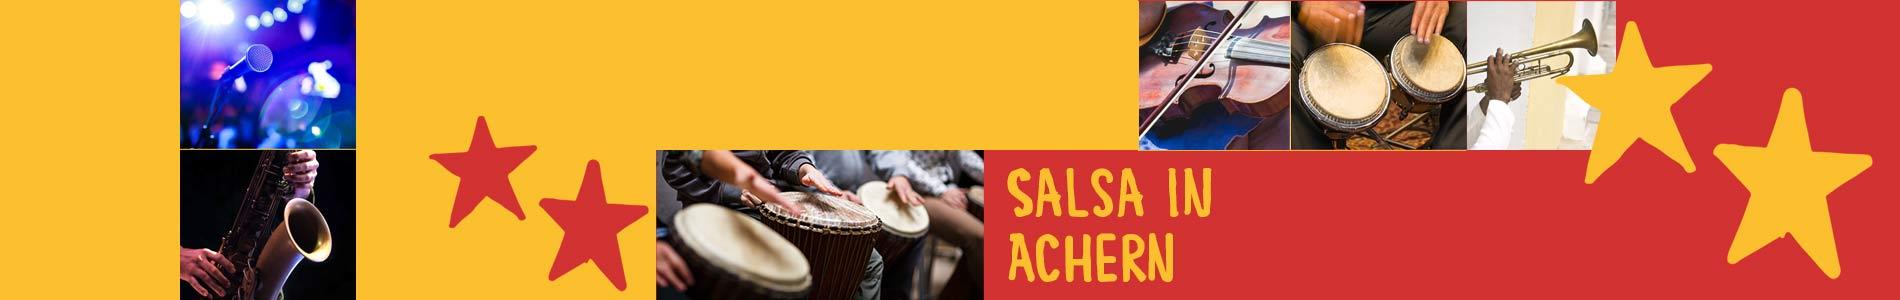 Salsa in Achern – Salsa lernen und tanzen, Tanzkurse, Partys, Veranstaltungen